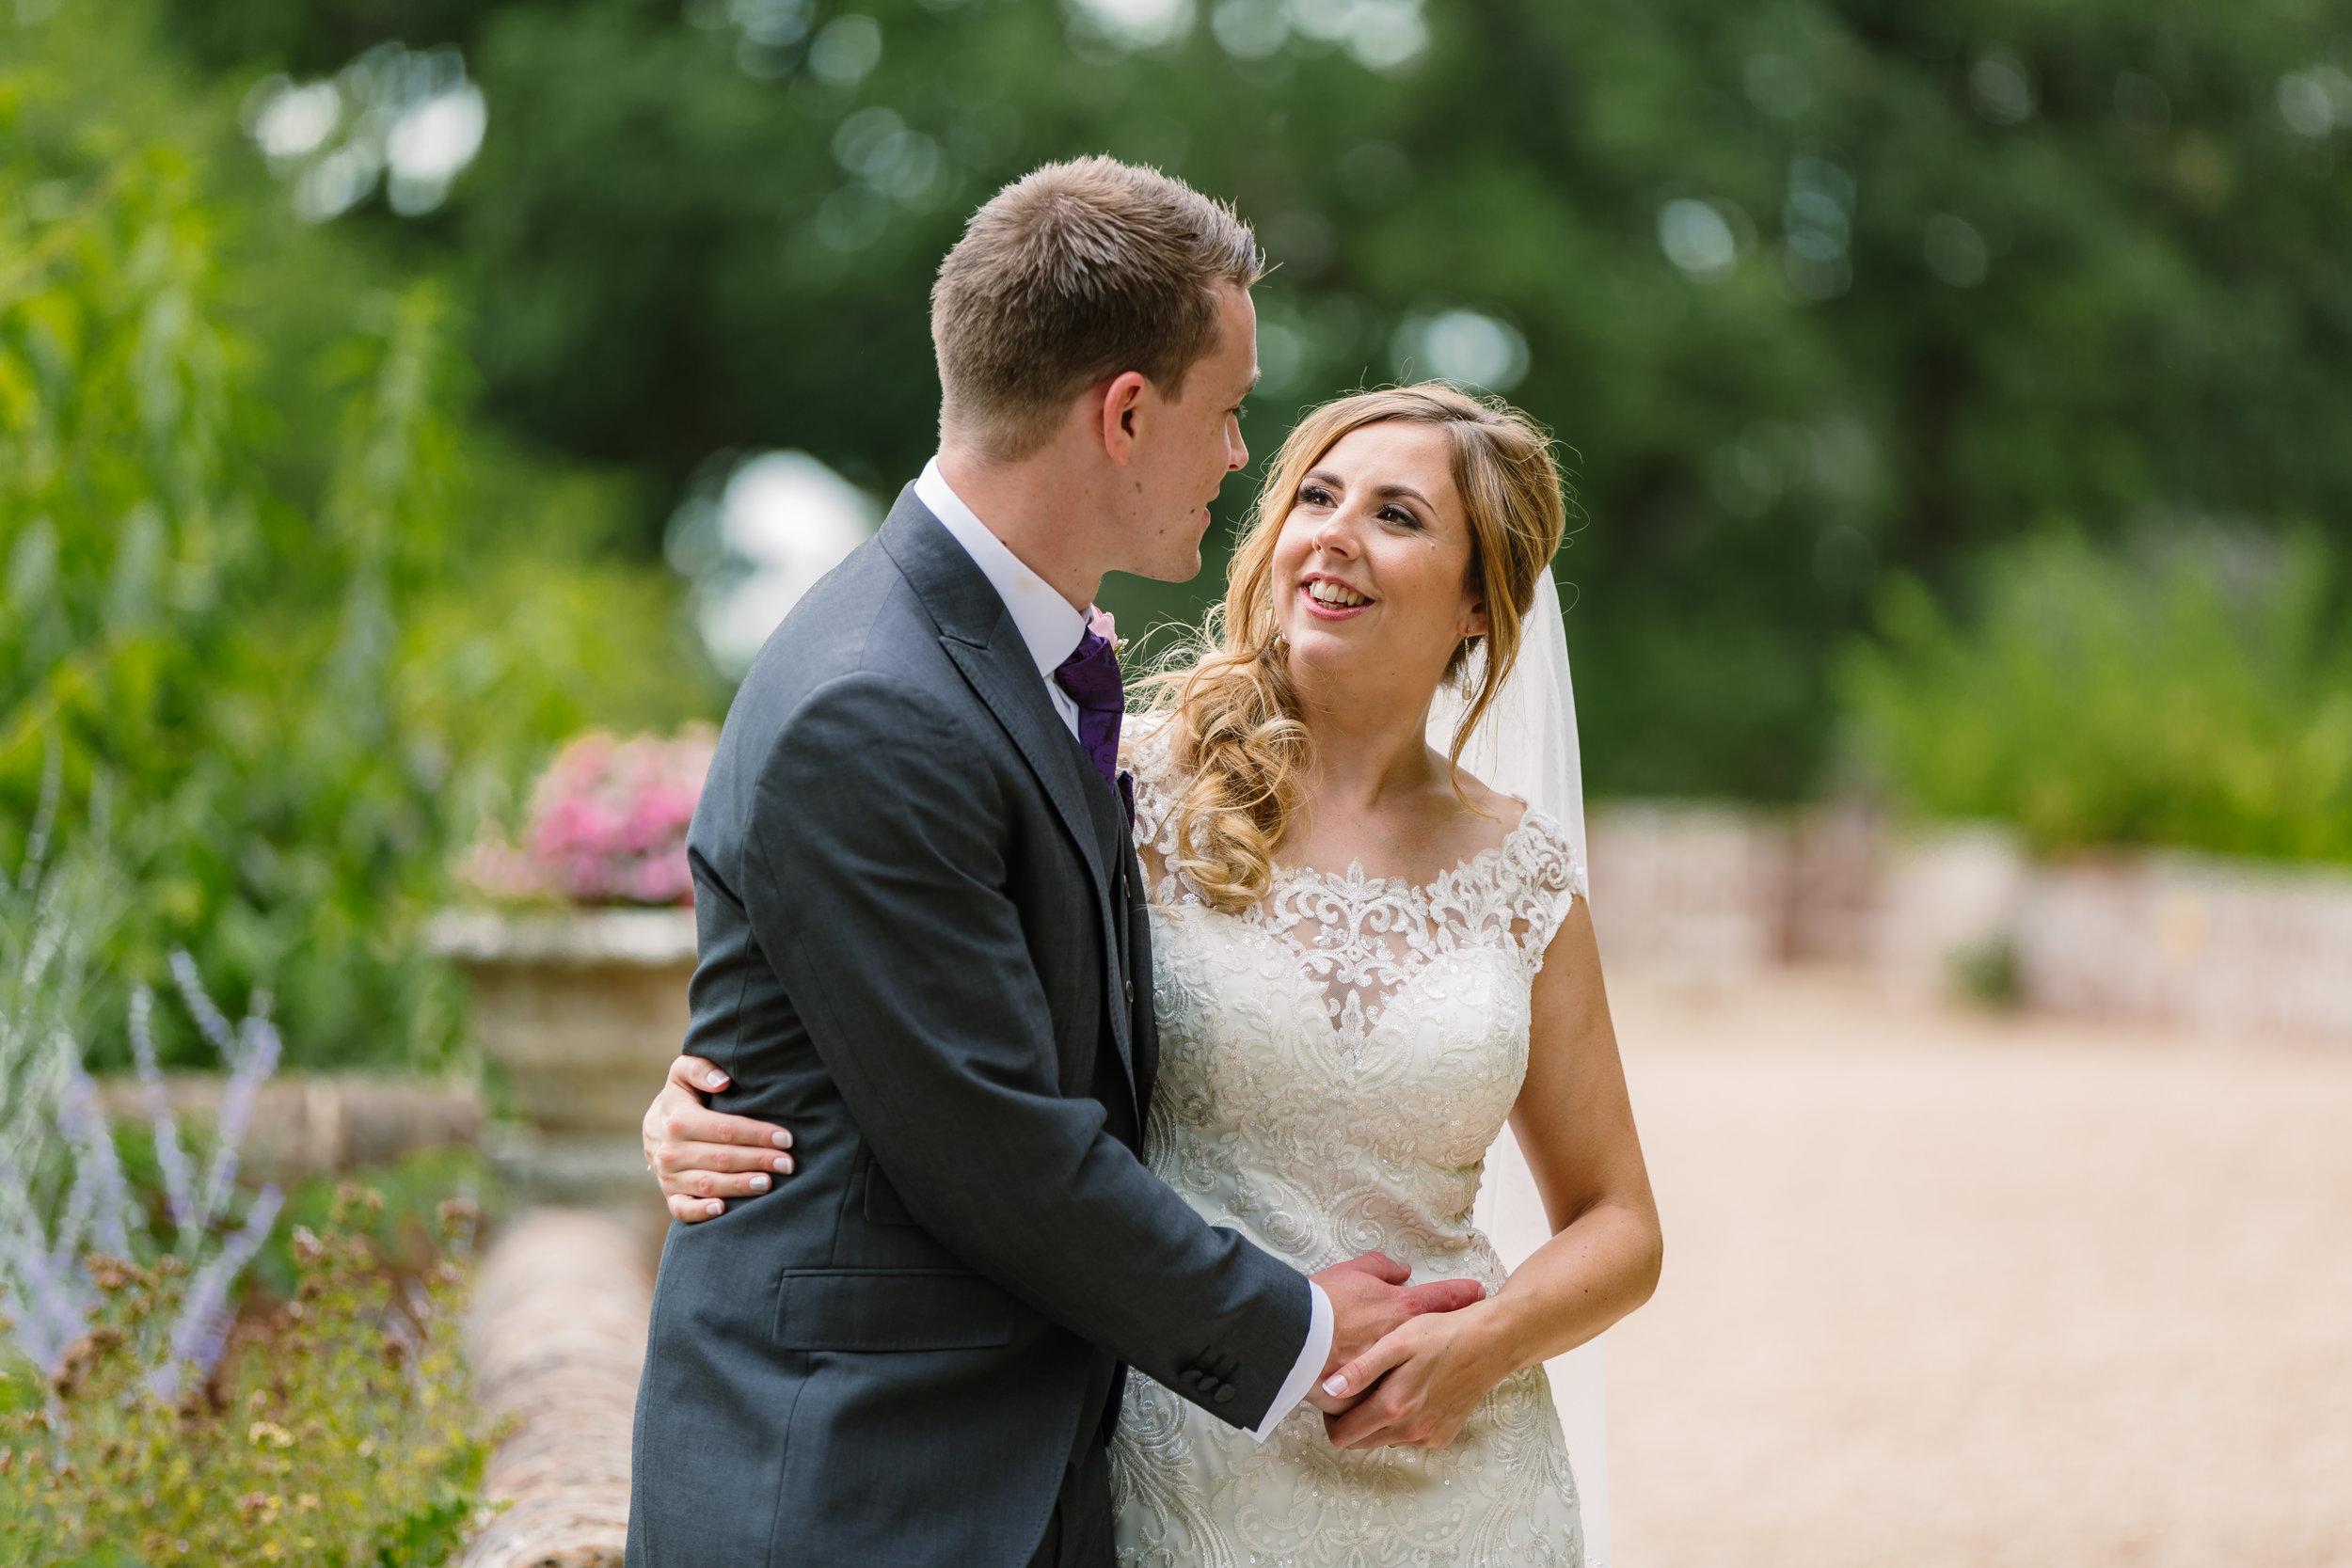 Hampshire Wedding Photographer Hampshire : Ufton-Court-Wedding : Barn-wedding-venue-hampshire : sarah-fishlock-photography : hampshire-barn-wedding-786.jpg